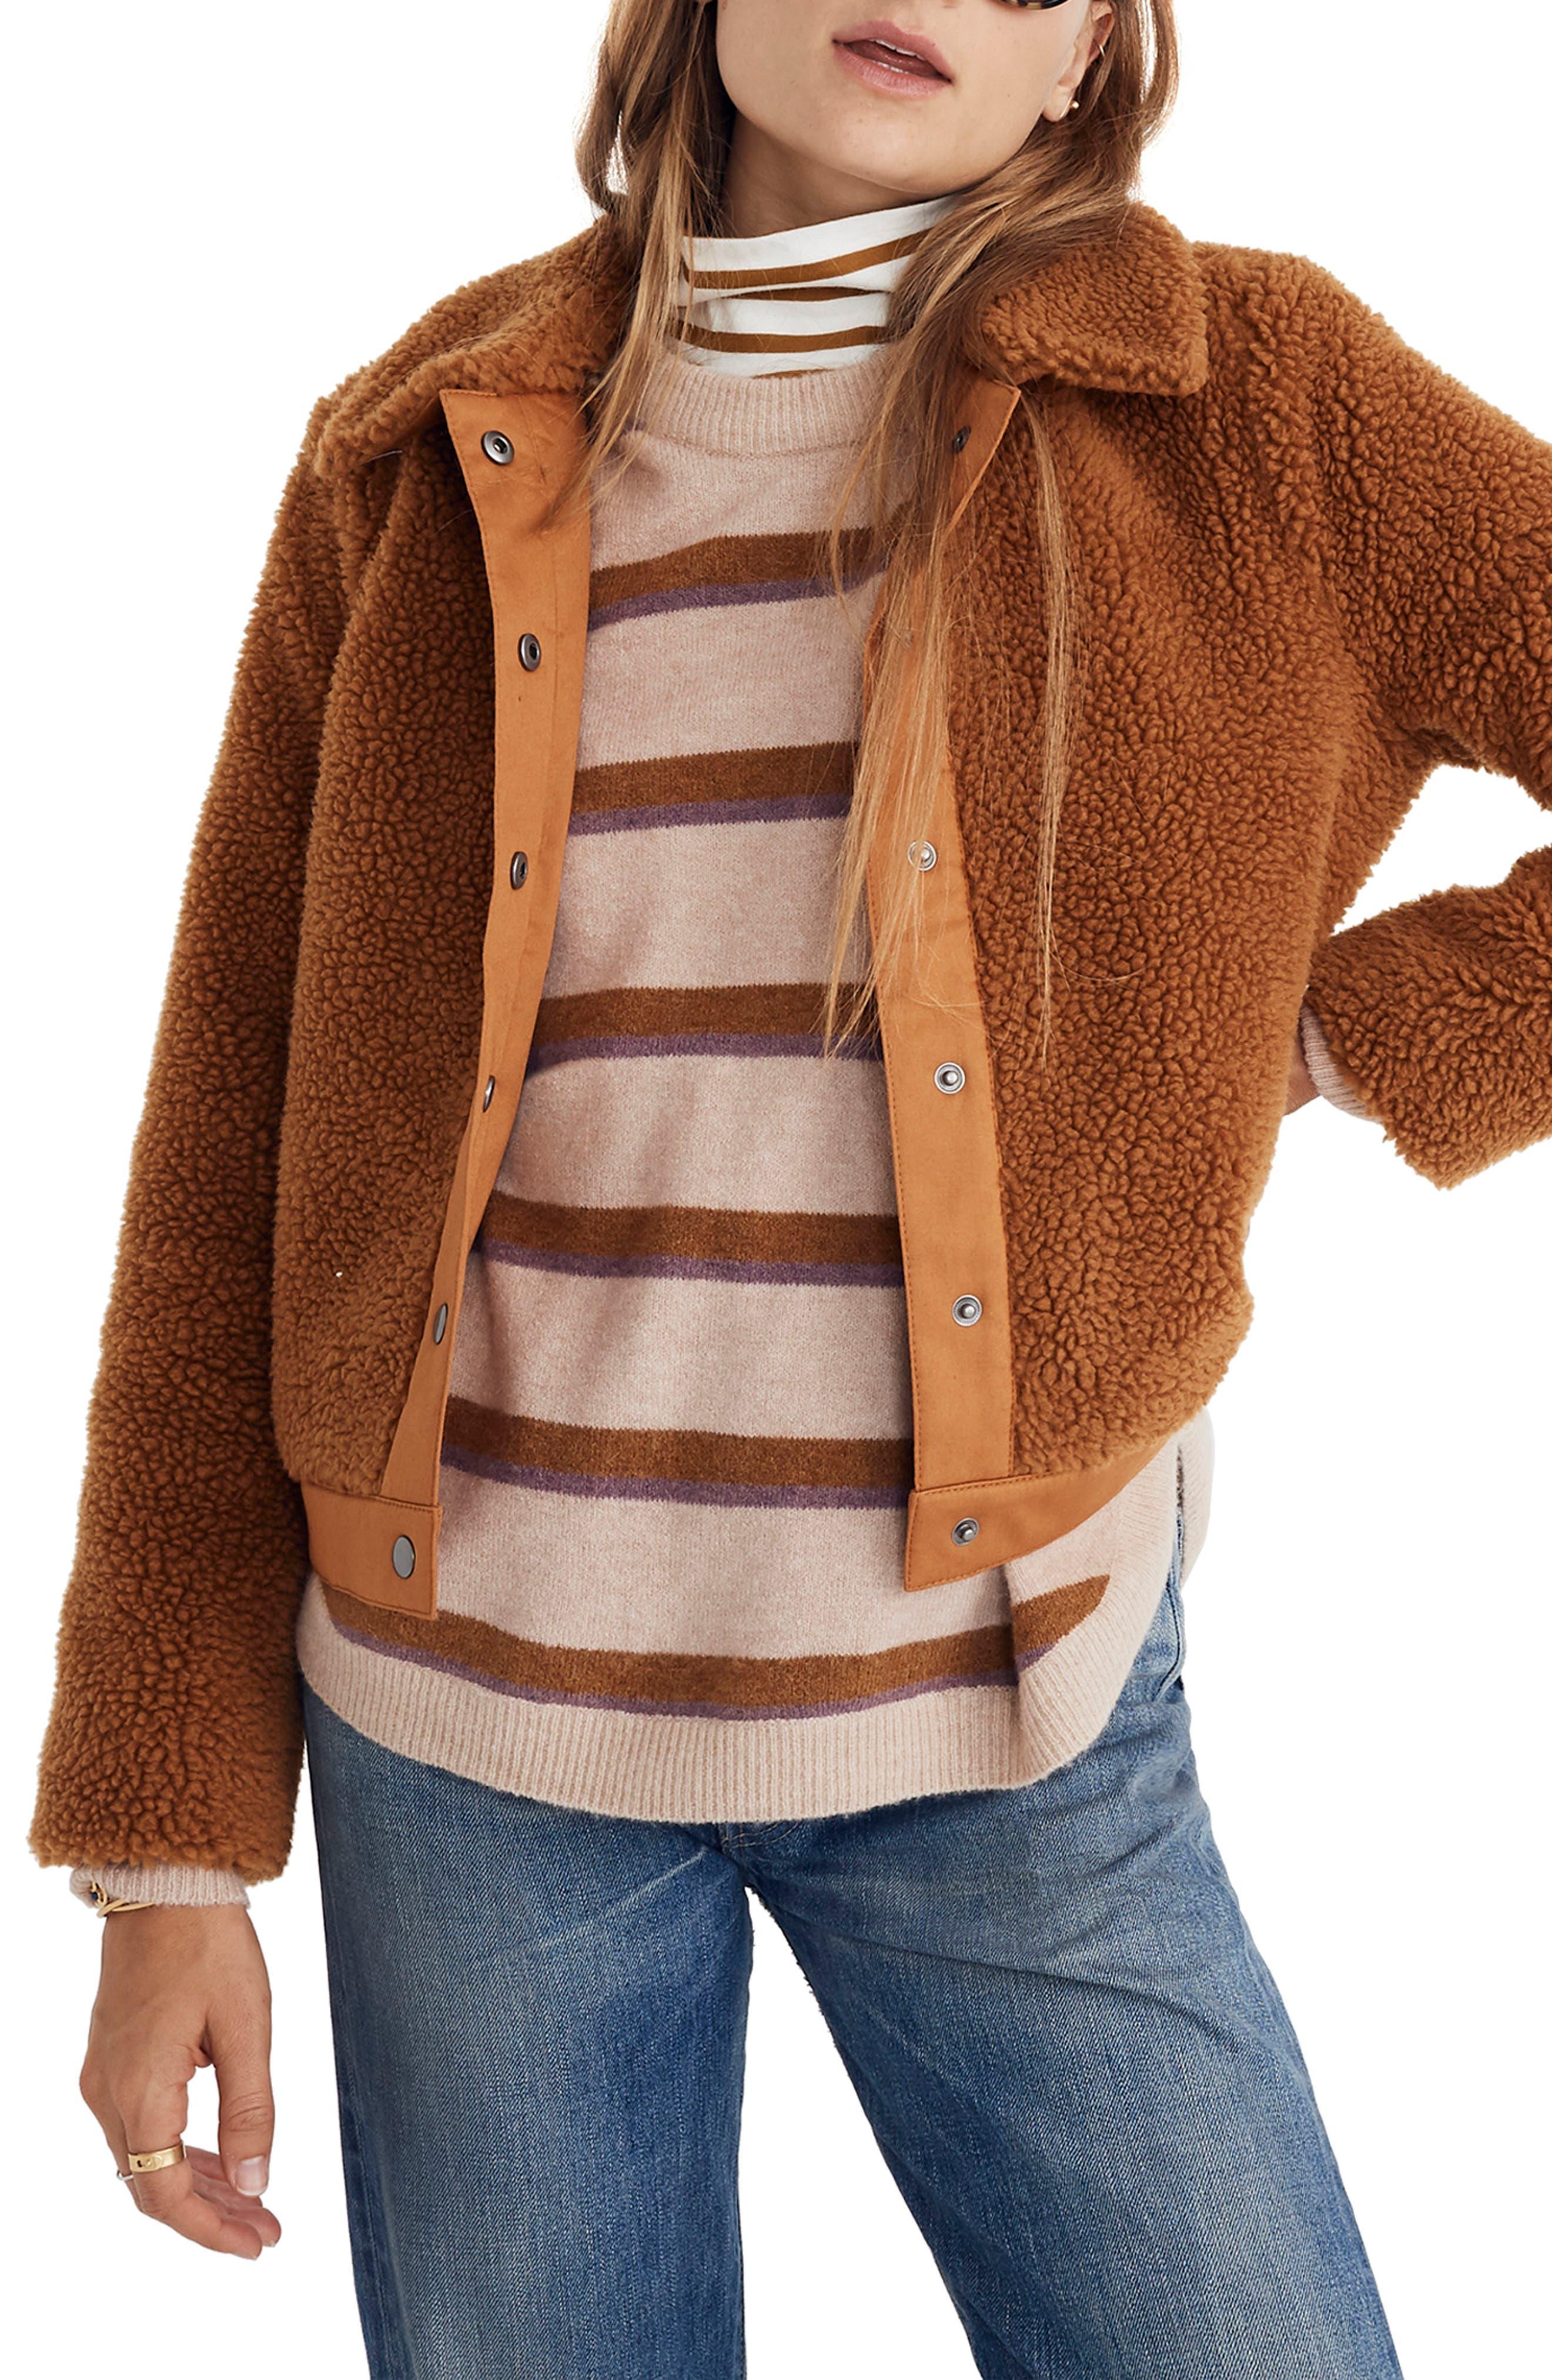 Portland Fleece Jacket,                         Main,                         color, GOLDEN PECAN